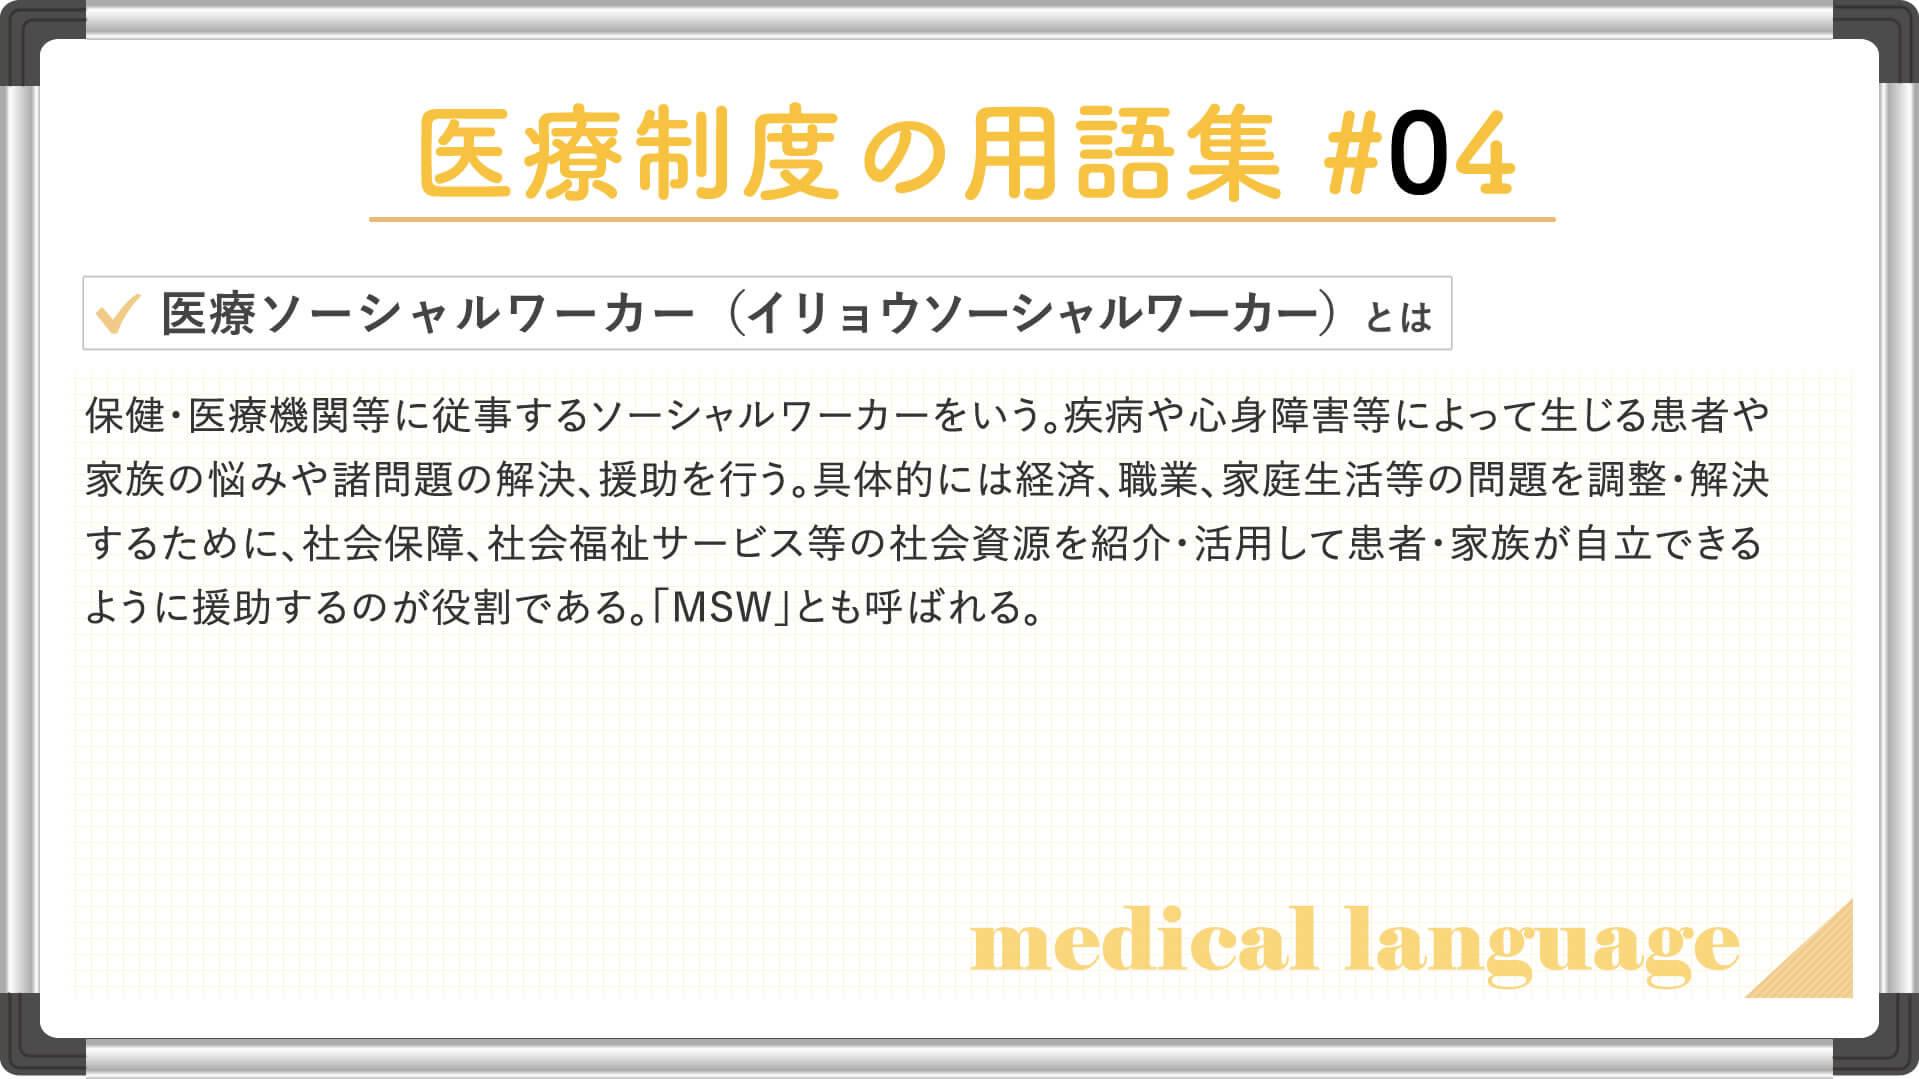 医療ソーシャルワーカー(イリョウソーシャルワーカー)の説明画像